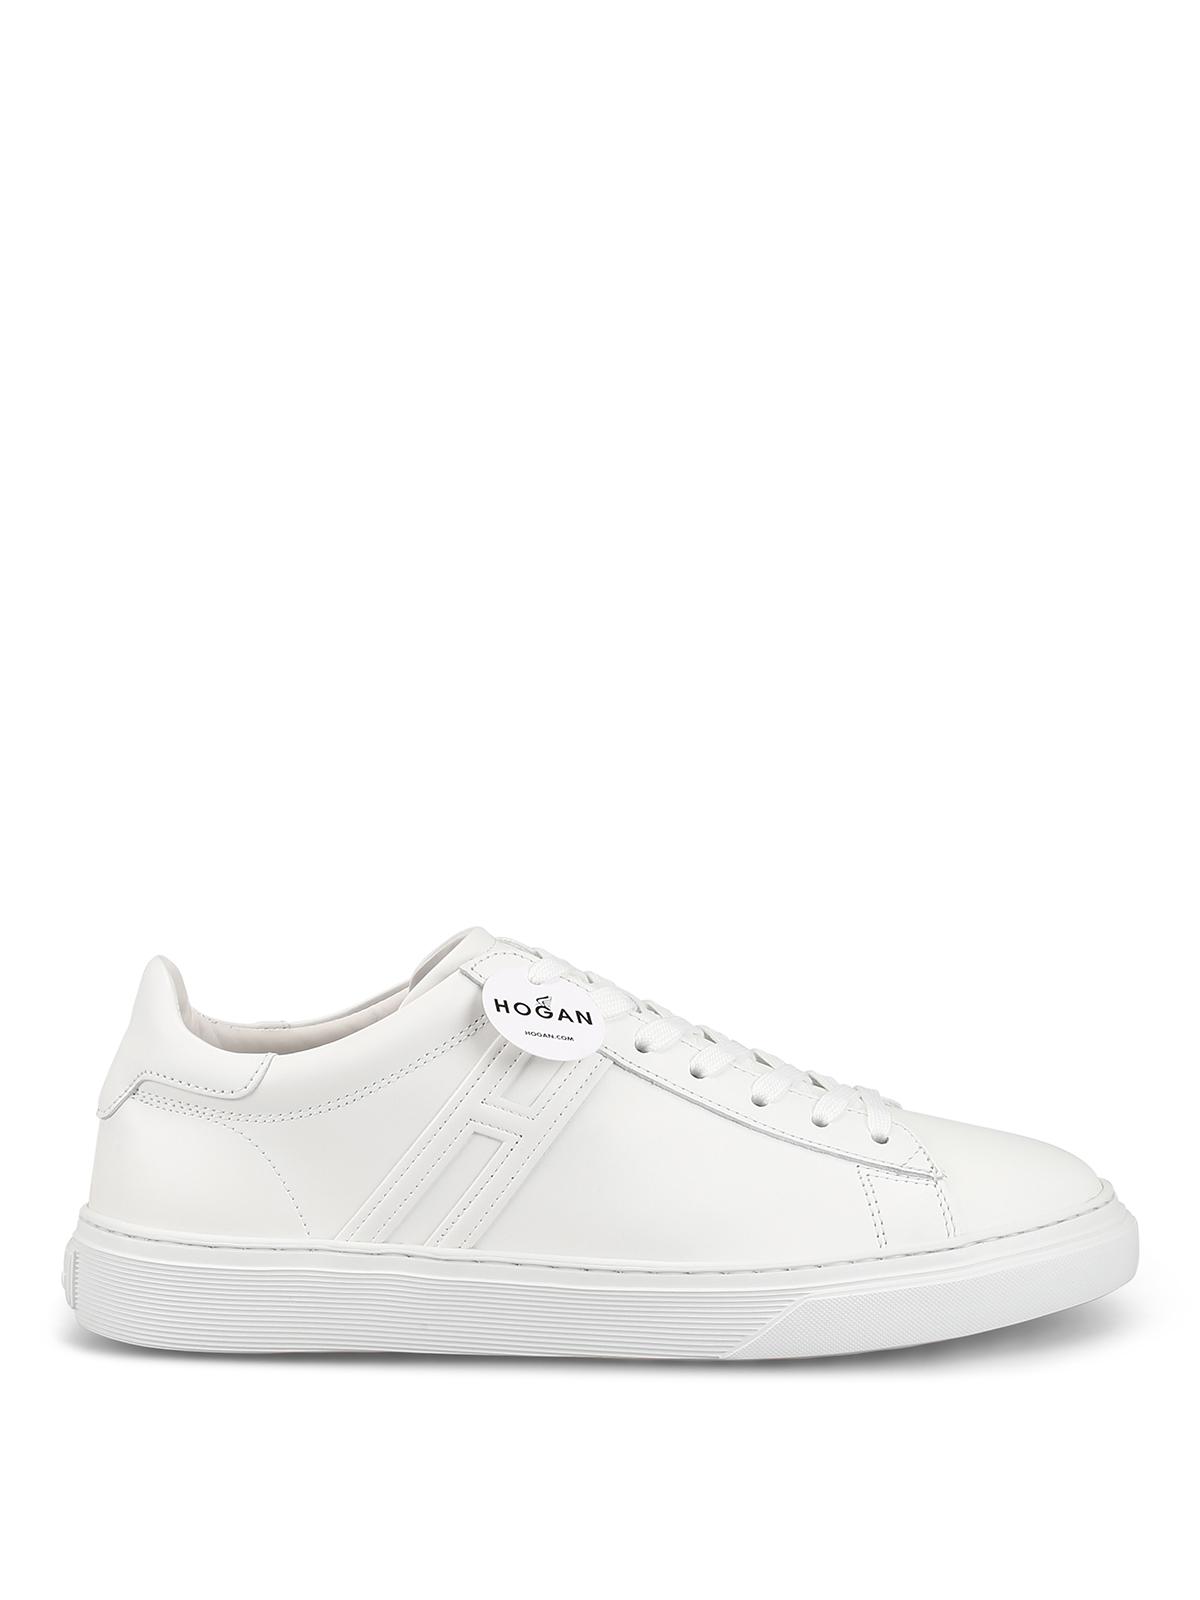 Sneakers Hogan - Sneaker H365 bianche in pelle - HXM3650J960KLAB001